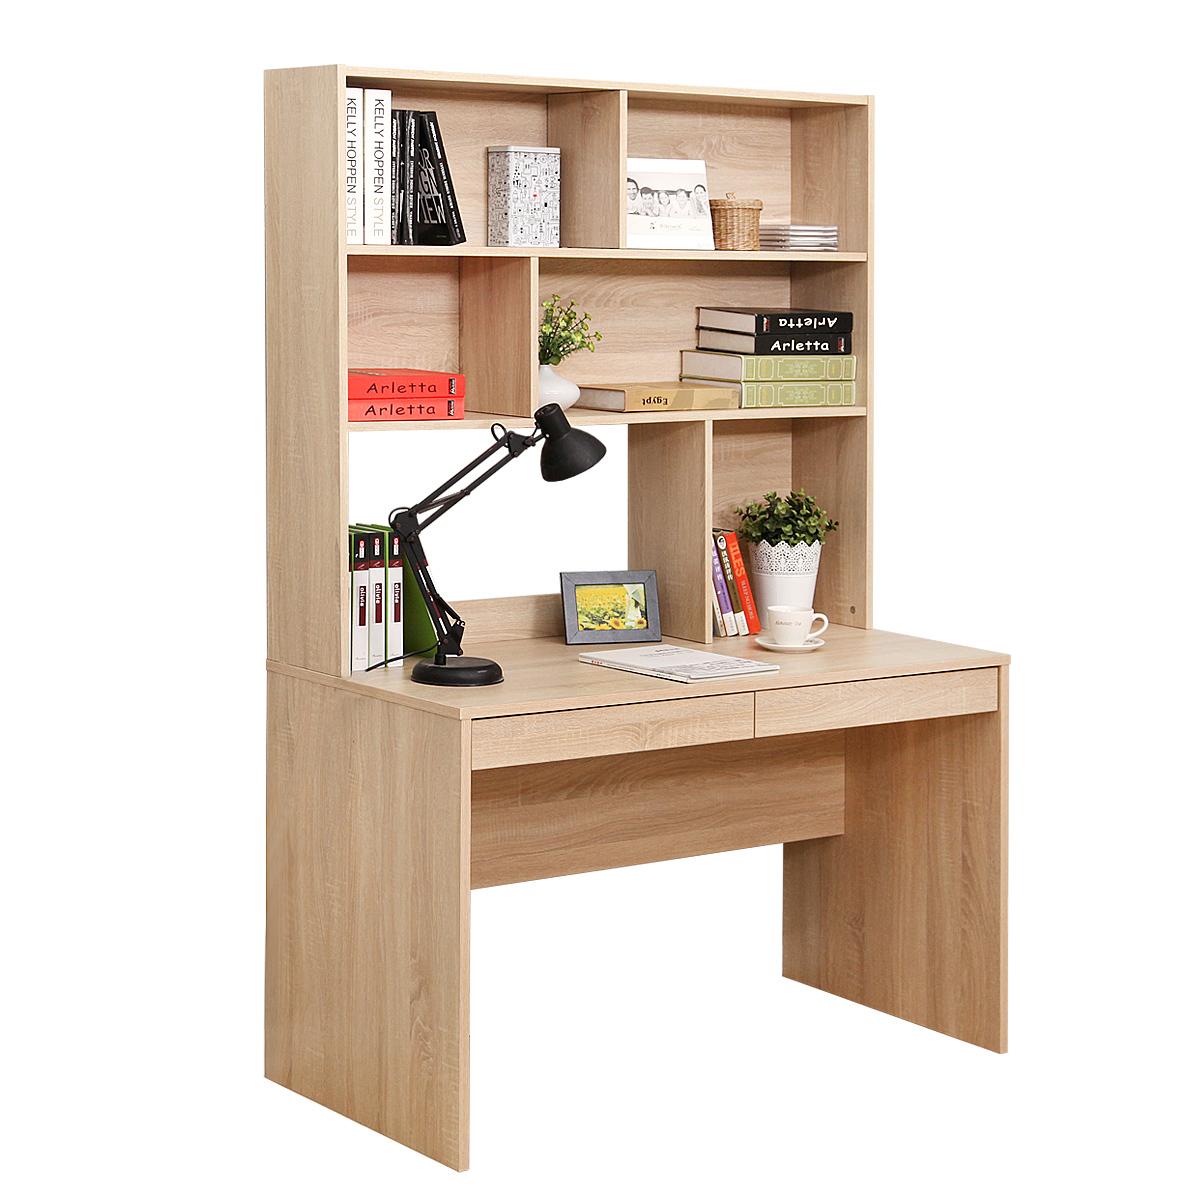 美达斯现代简约连体书桌柜办公桌书柜组合柜电脑桌书架连体写字台